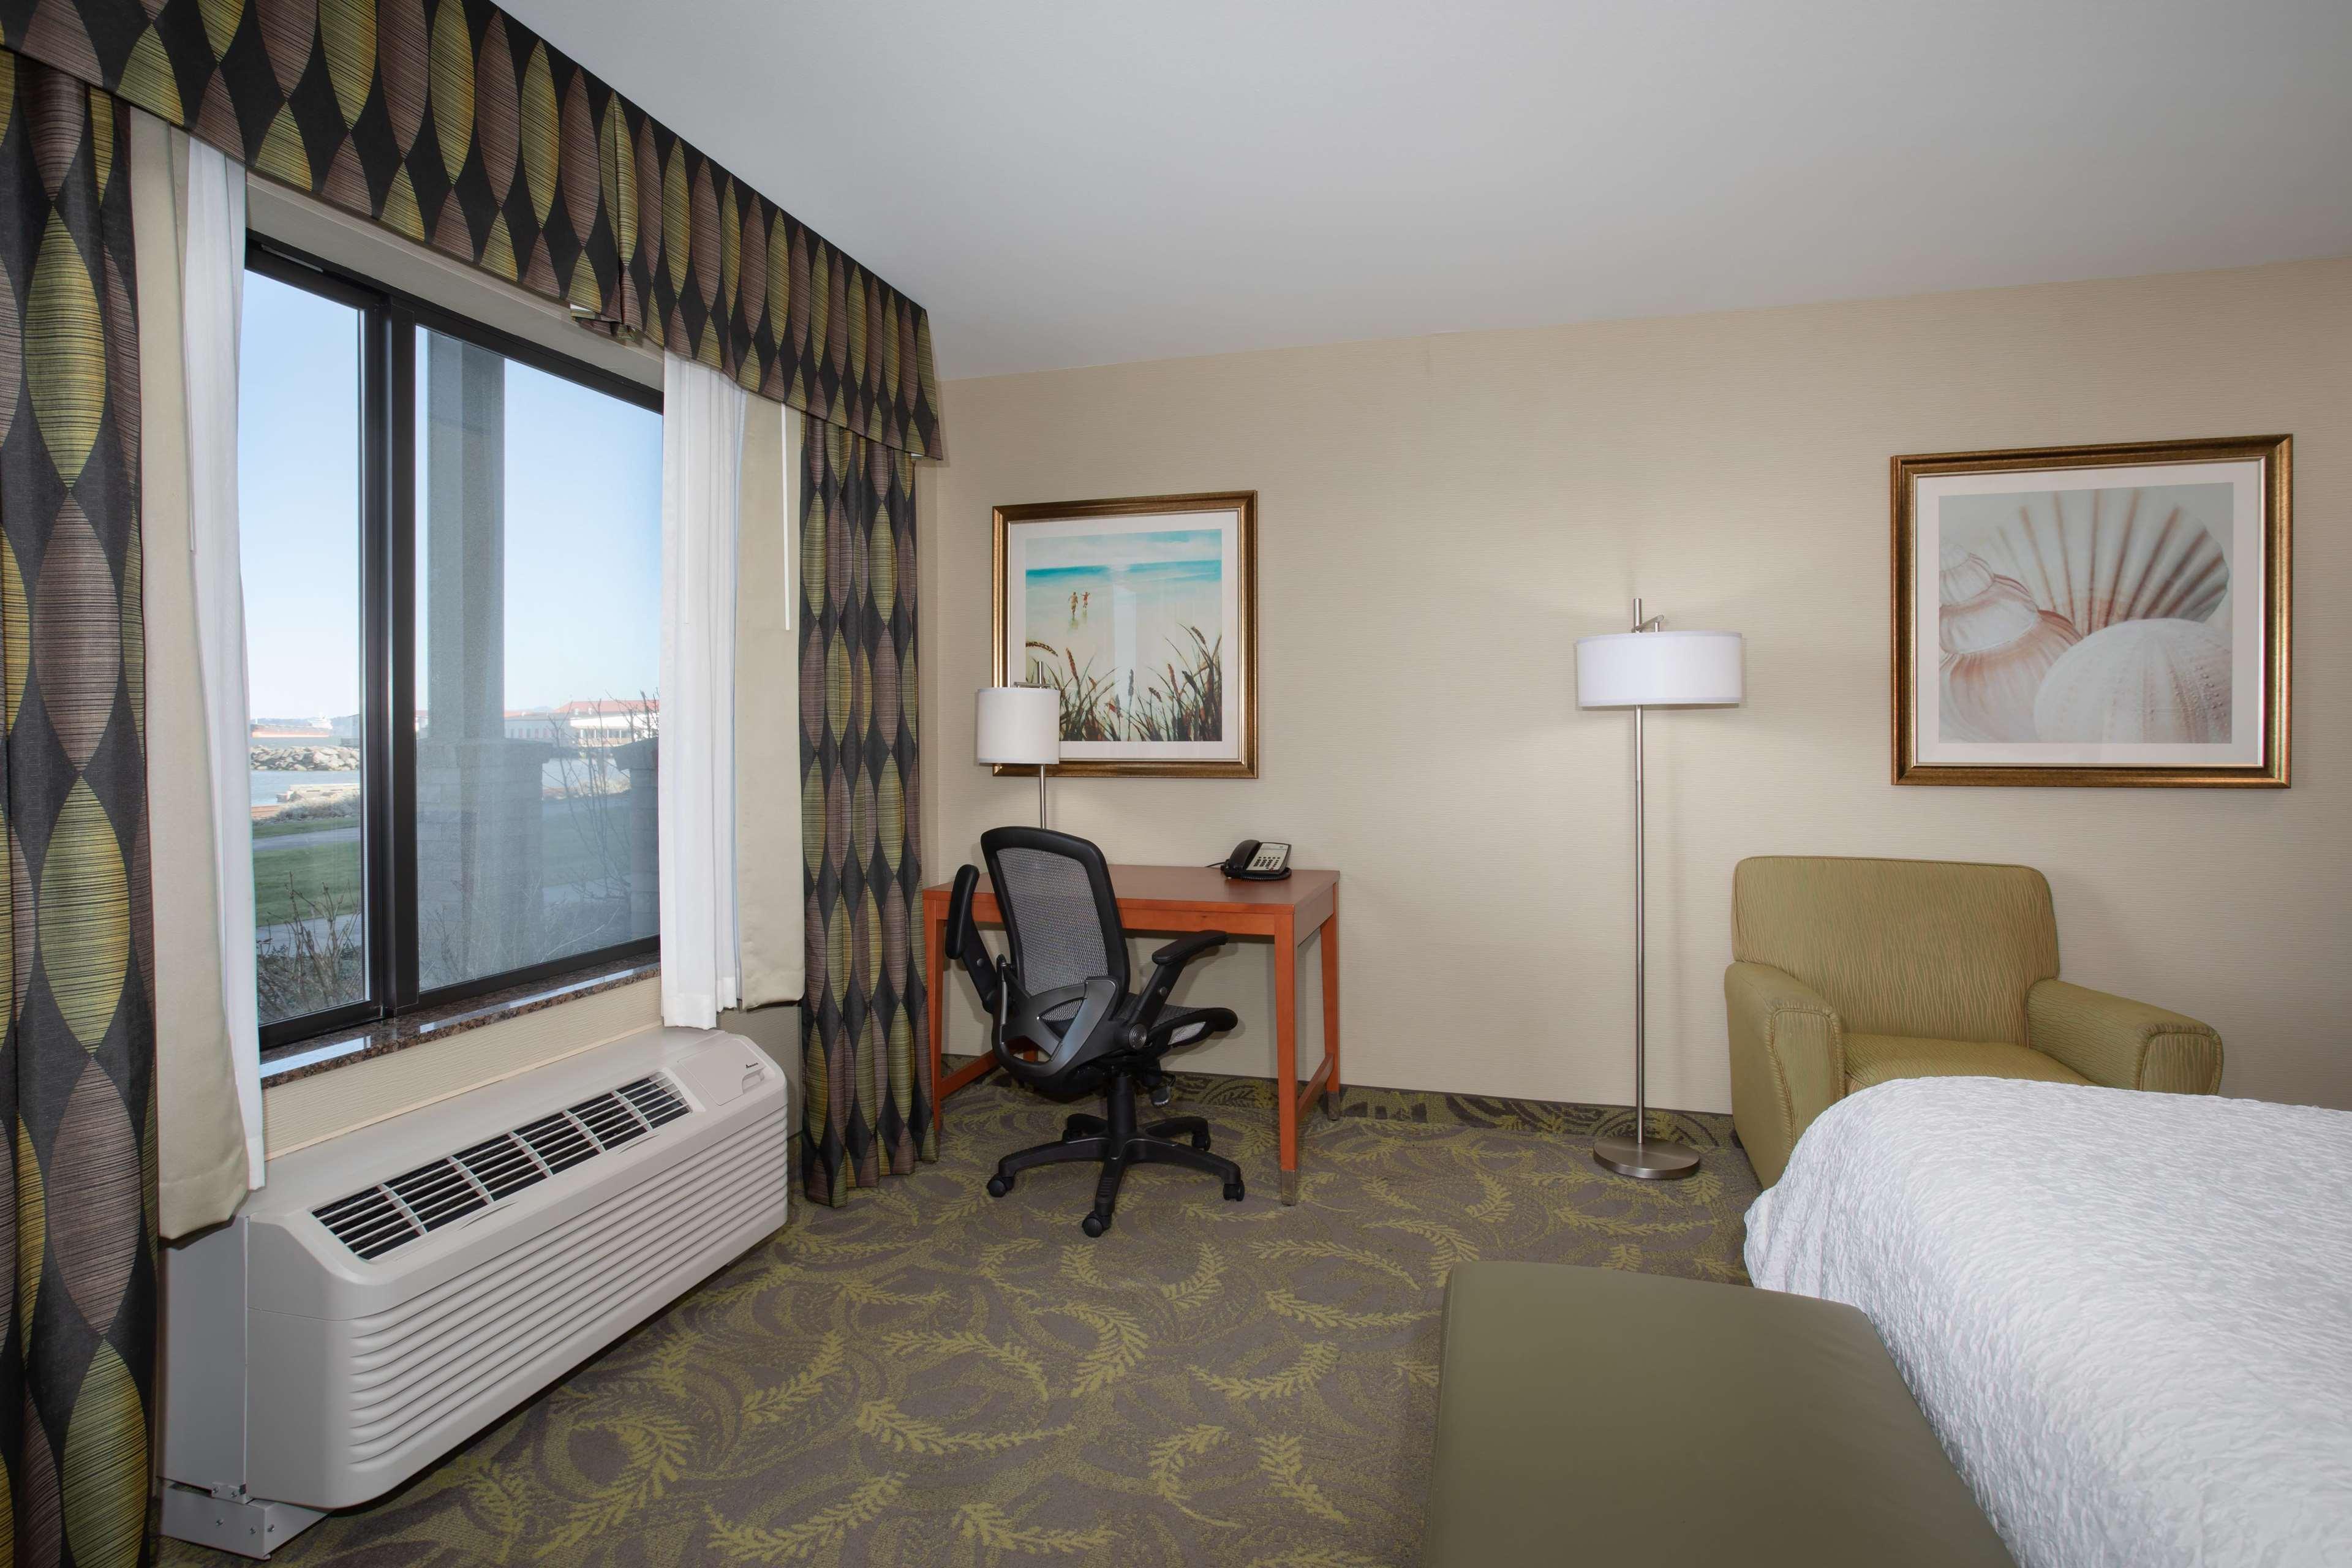 Hampton Inn & Suites Astoria image 54